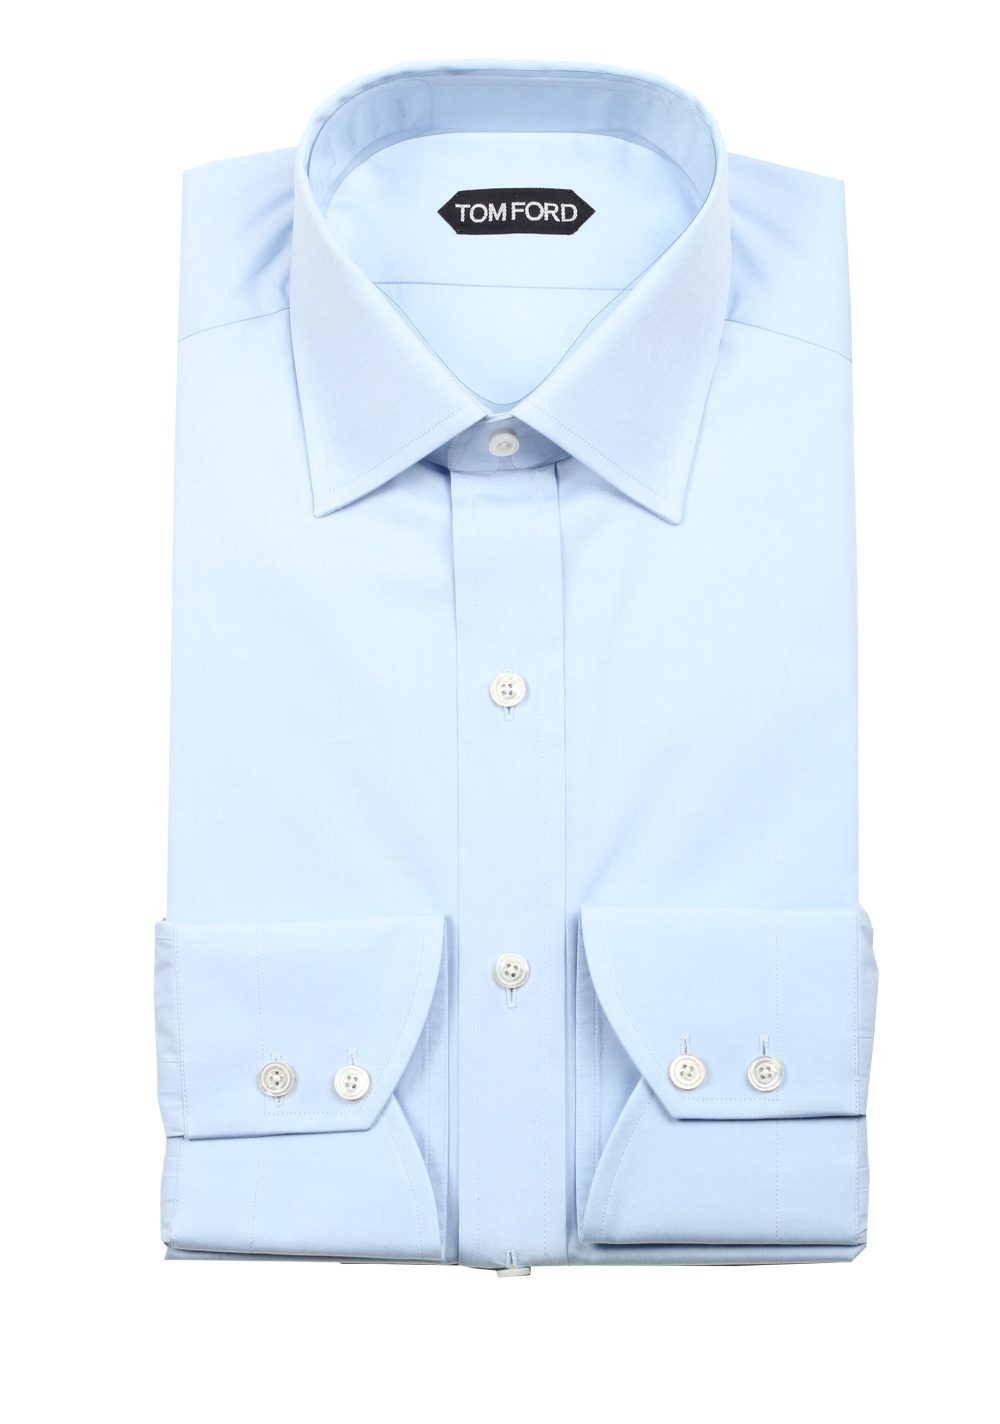 4f29ff4c35a4 TOM FORD Solid Blue Dress Shirt Size 40 / 15,75 U.S. Slim Fit   Costume  Limité